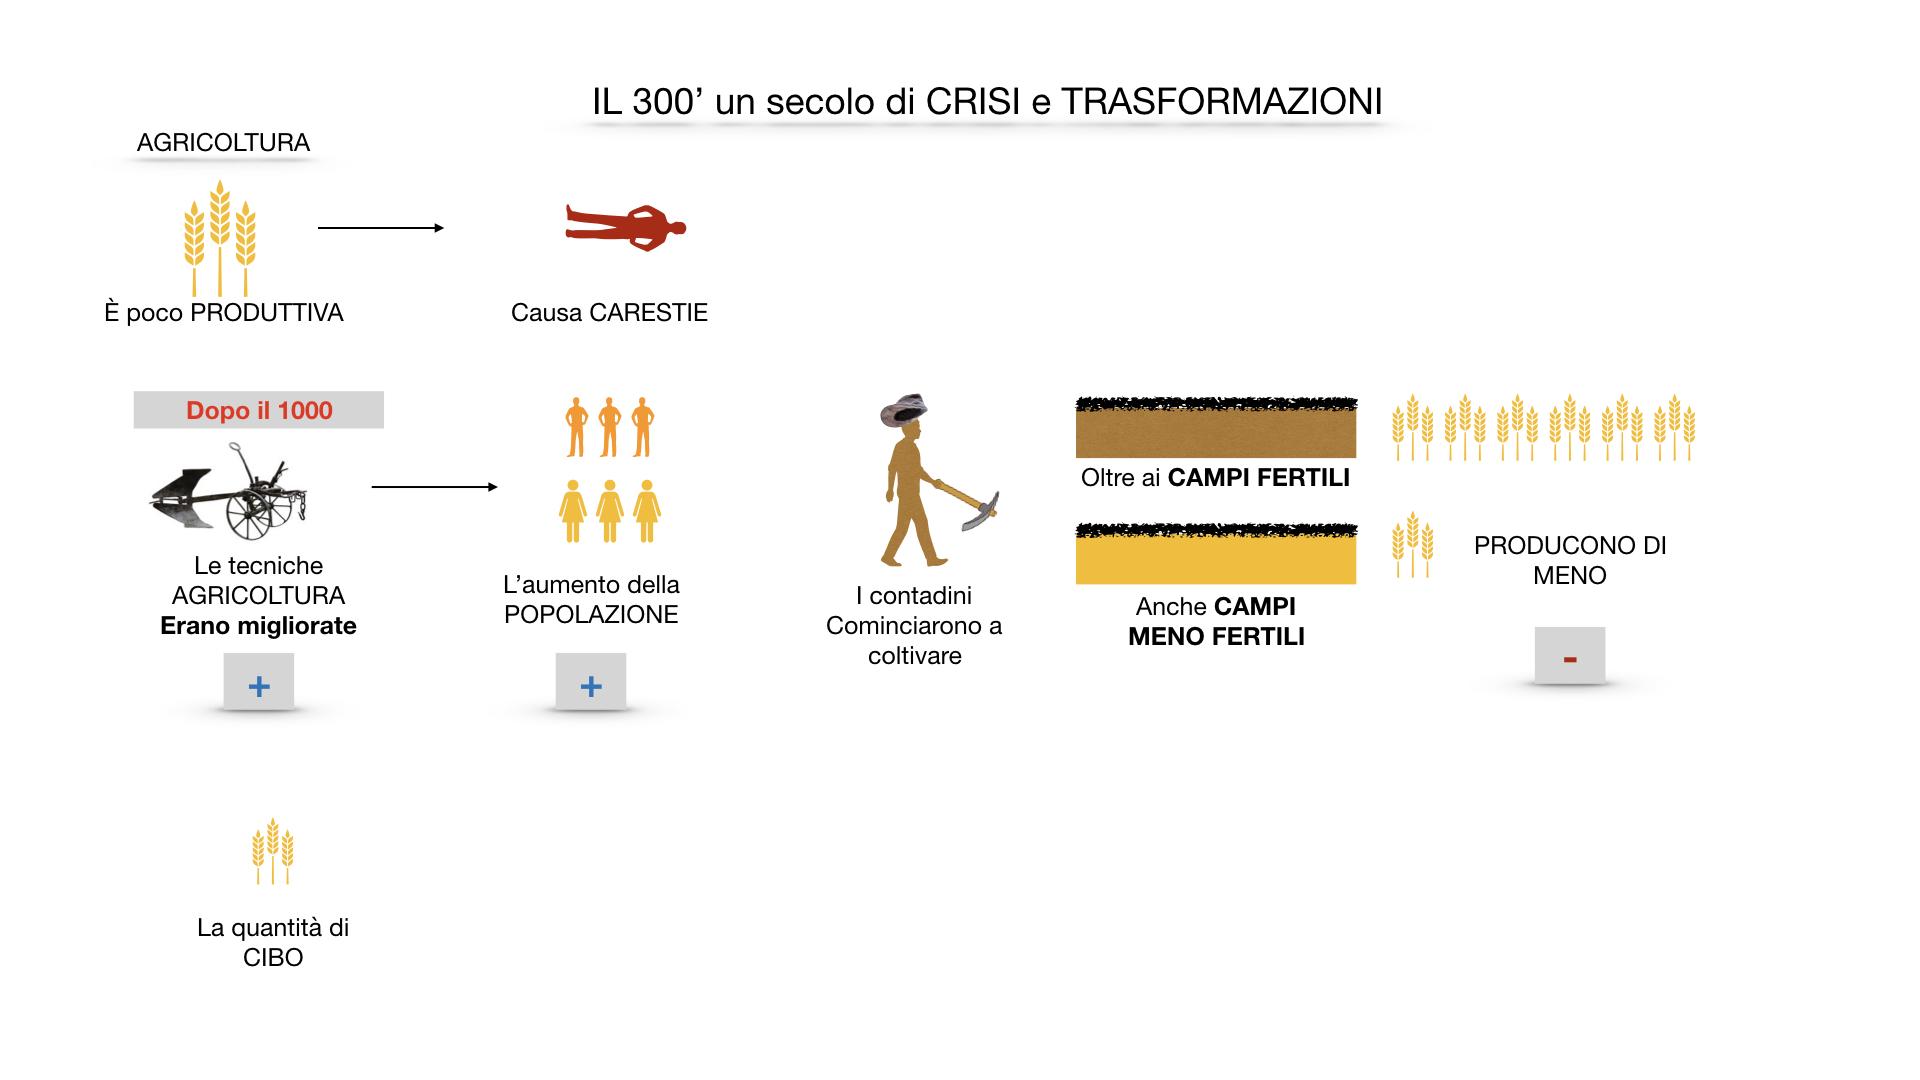 il 300 crisi e trasformazioni_ SIMULAZIONE.012